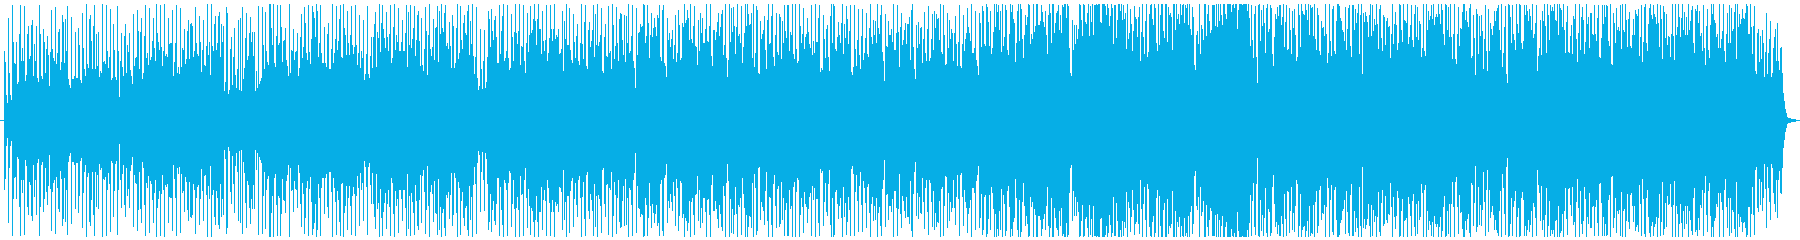 神秘的でクセになる打楽器とエスニックな笛の再生済みの波形